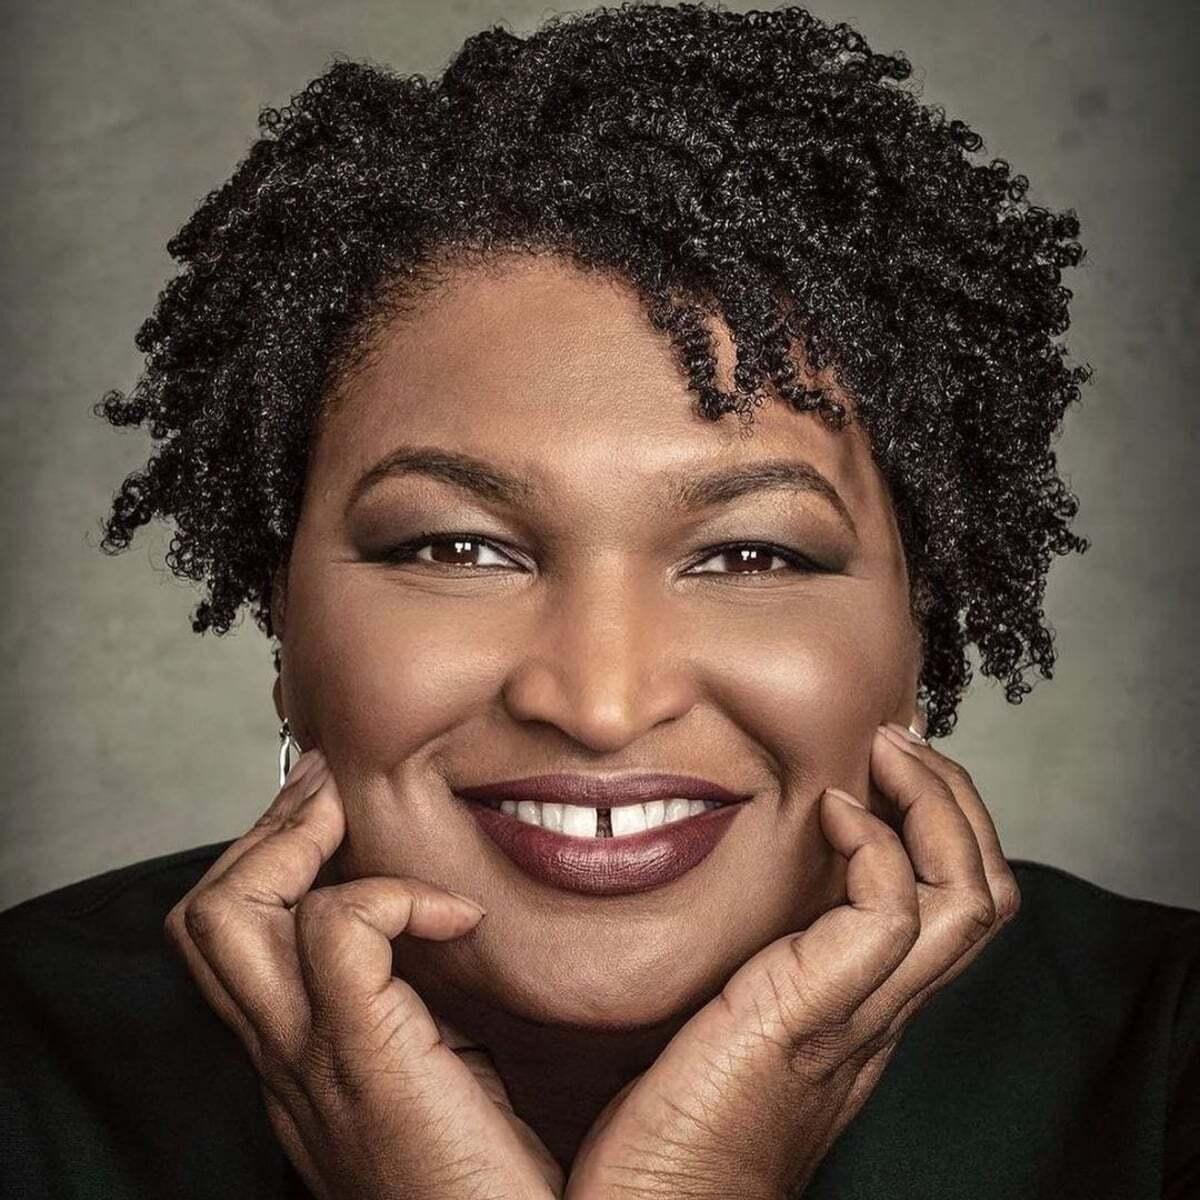 bobinas cortas naturales para mujeres negras mayores de 50 años